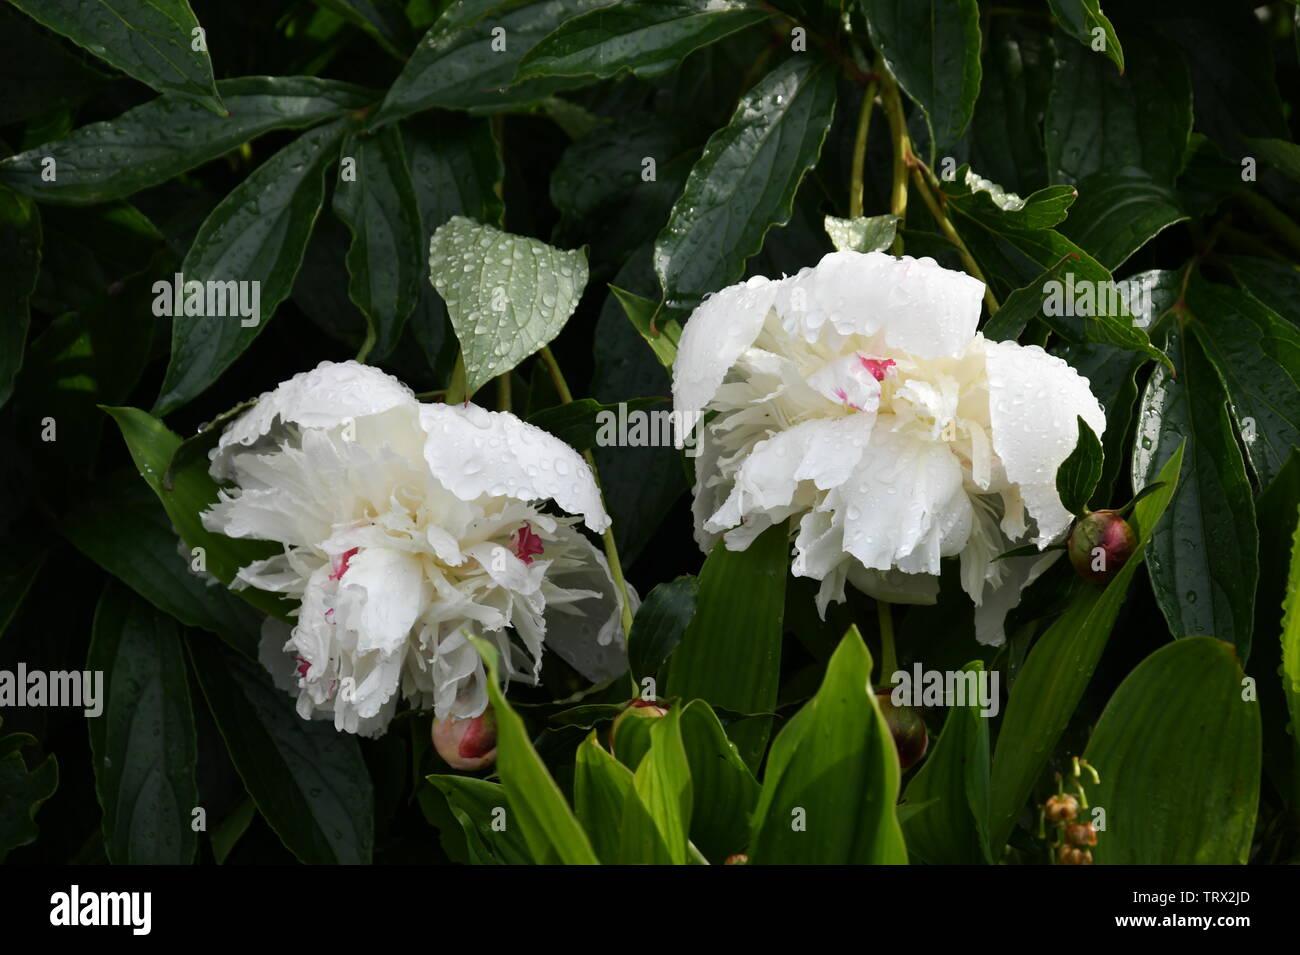 Hermosa peonía fragantes flores después de la lluvia, Foto de stock